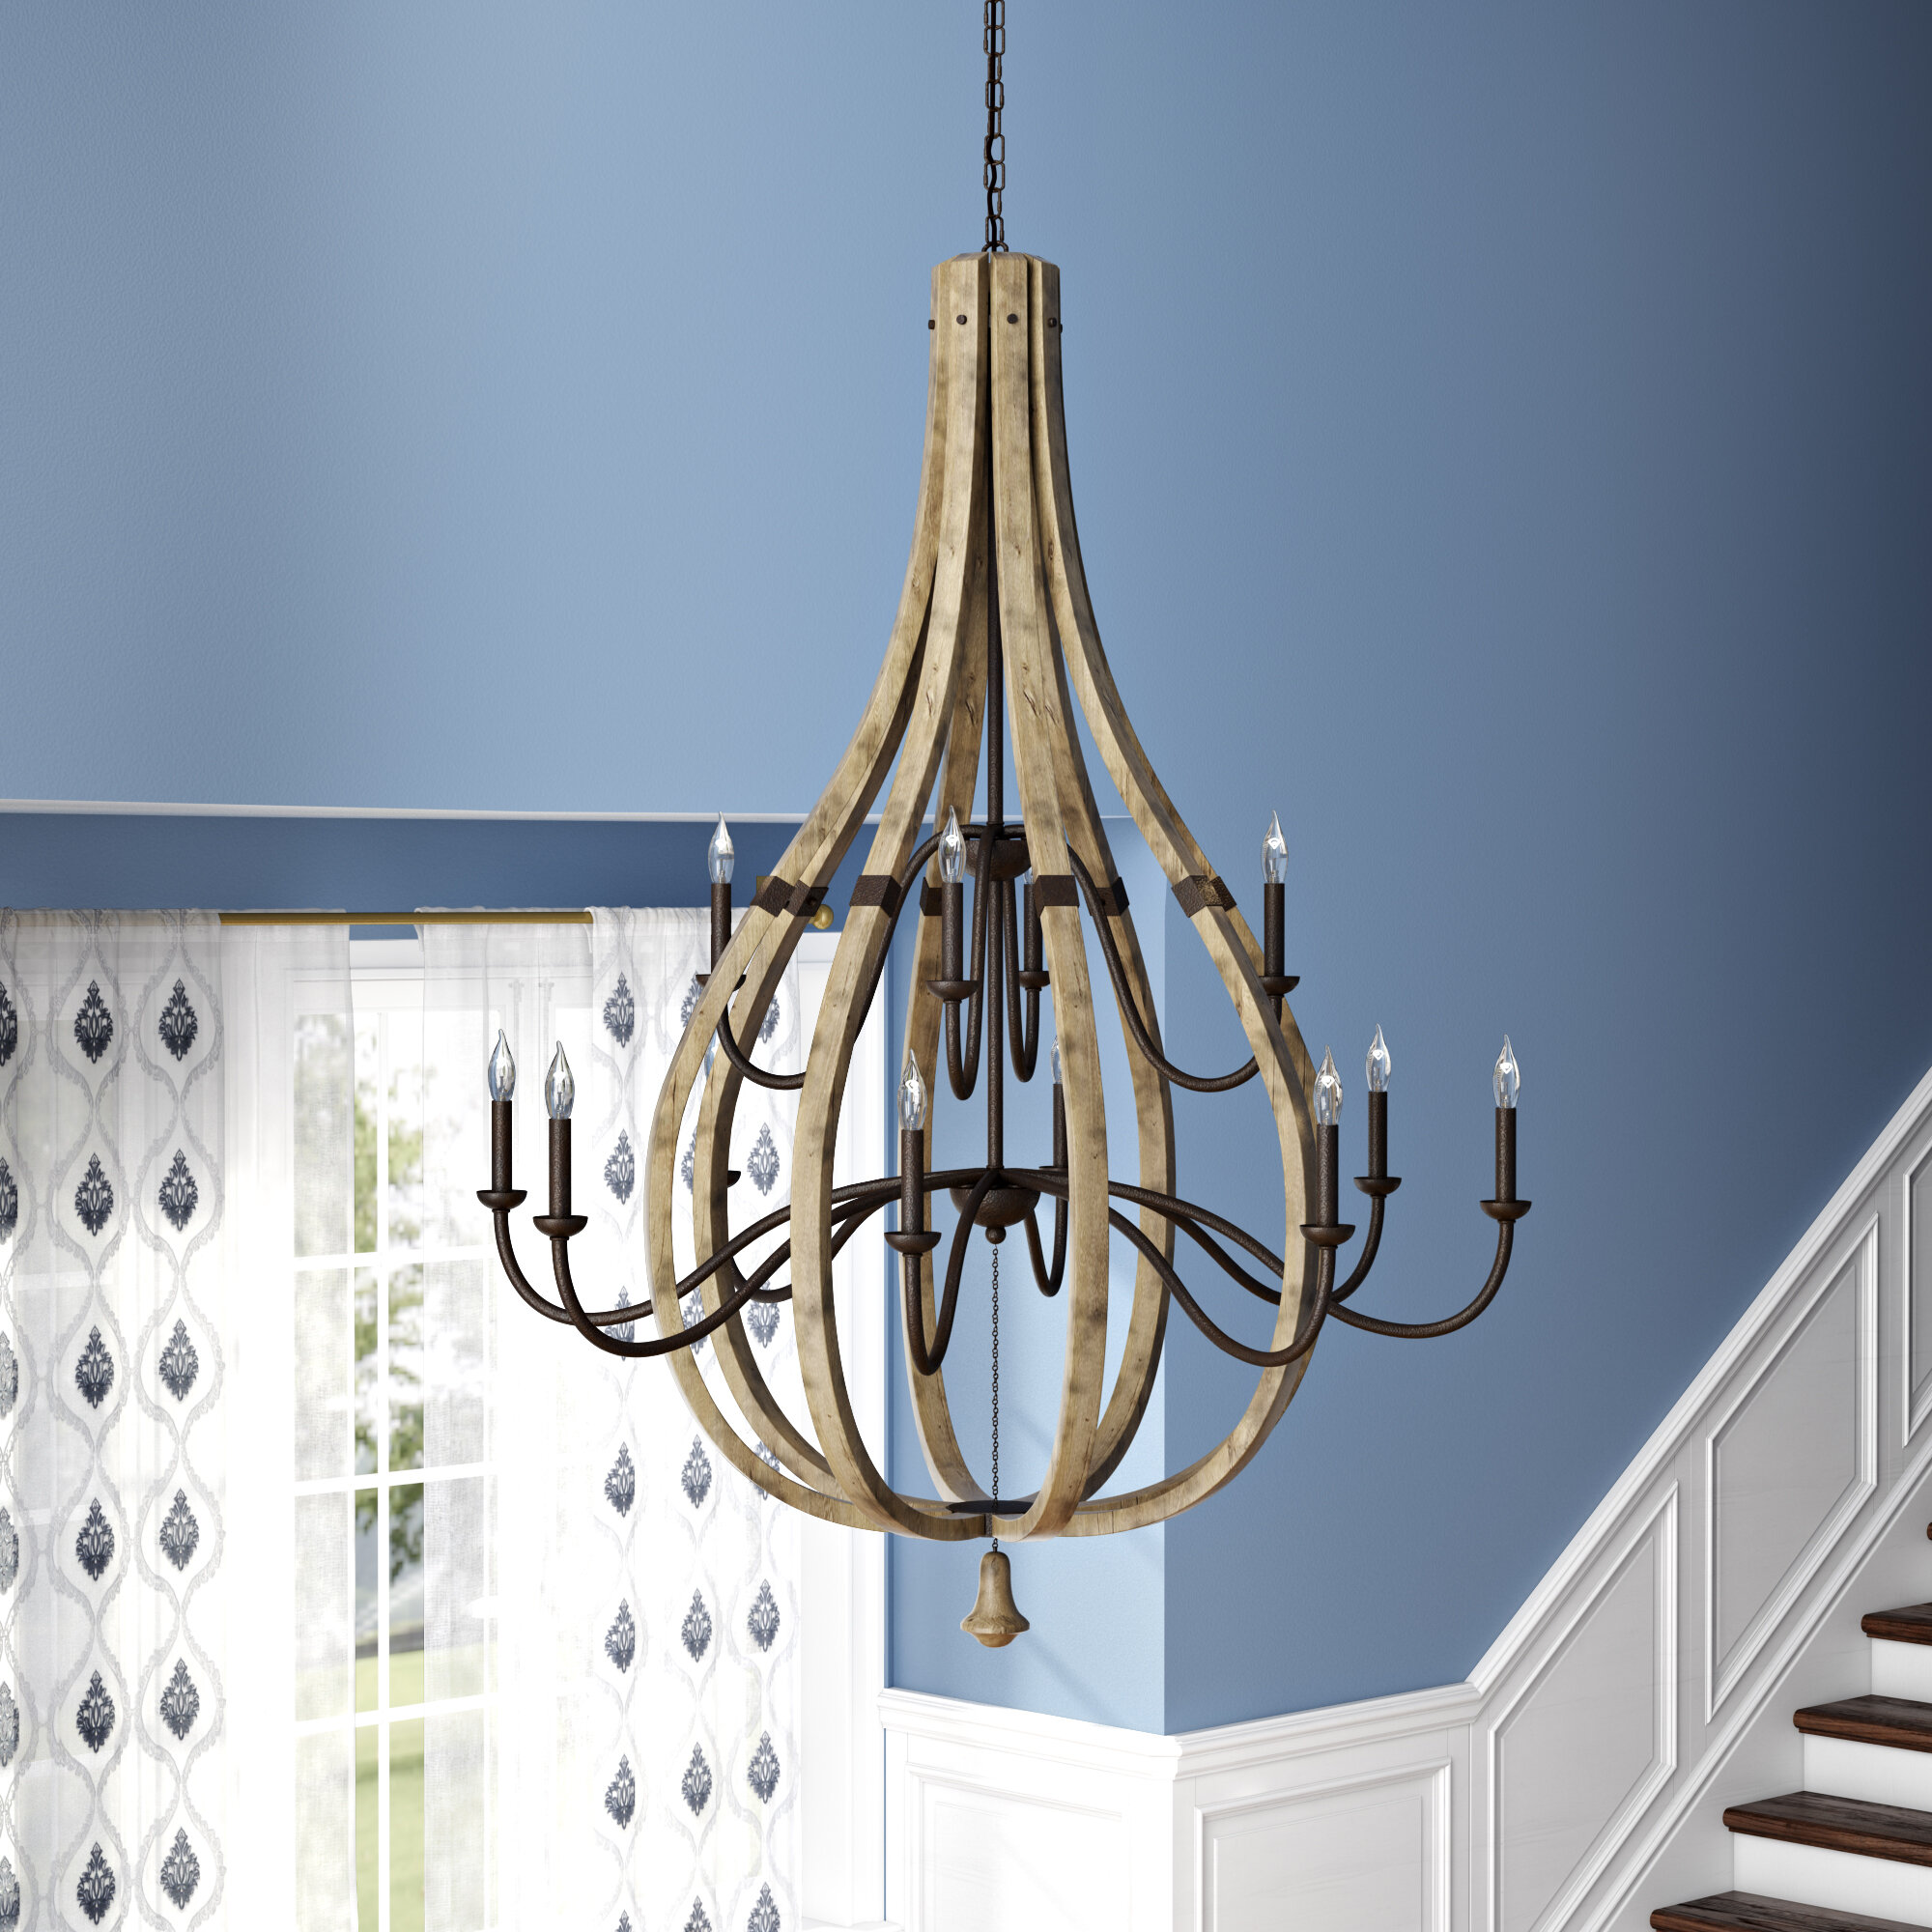 Hinkley lighting oceane 12 light chandelier wayfair